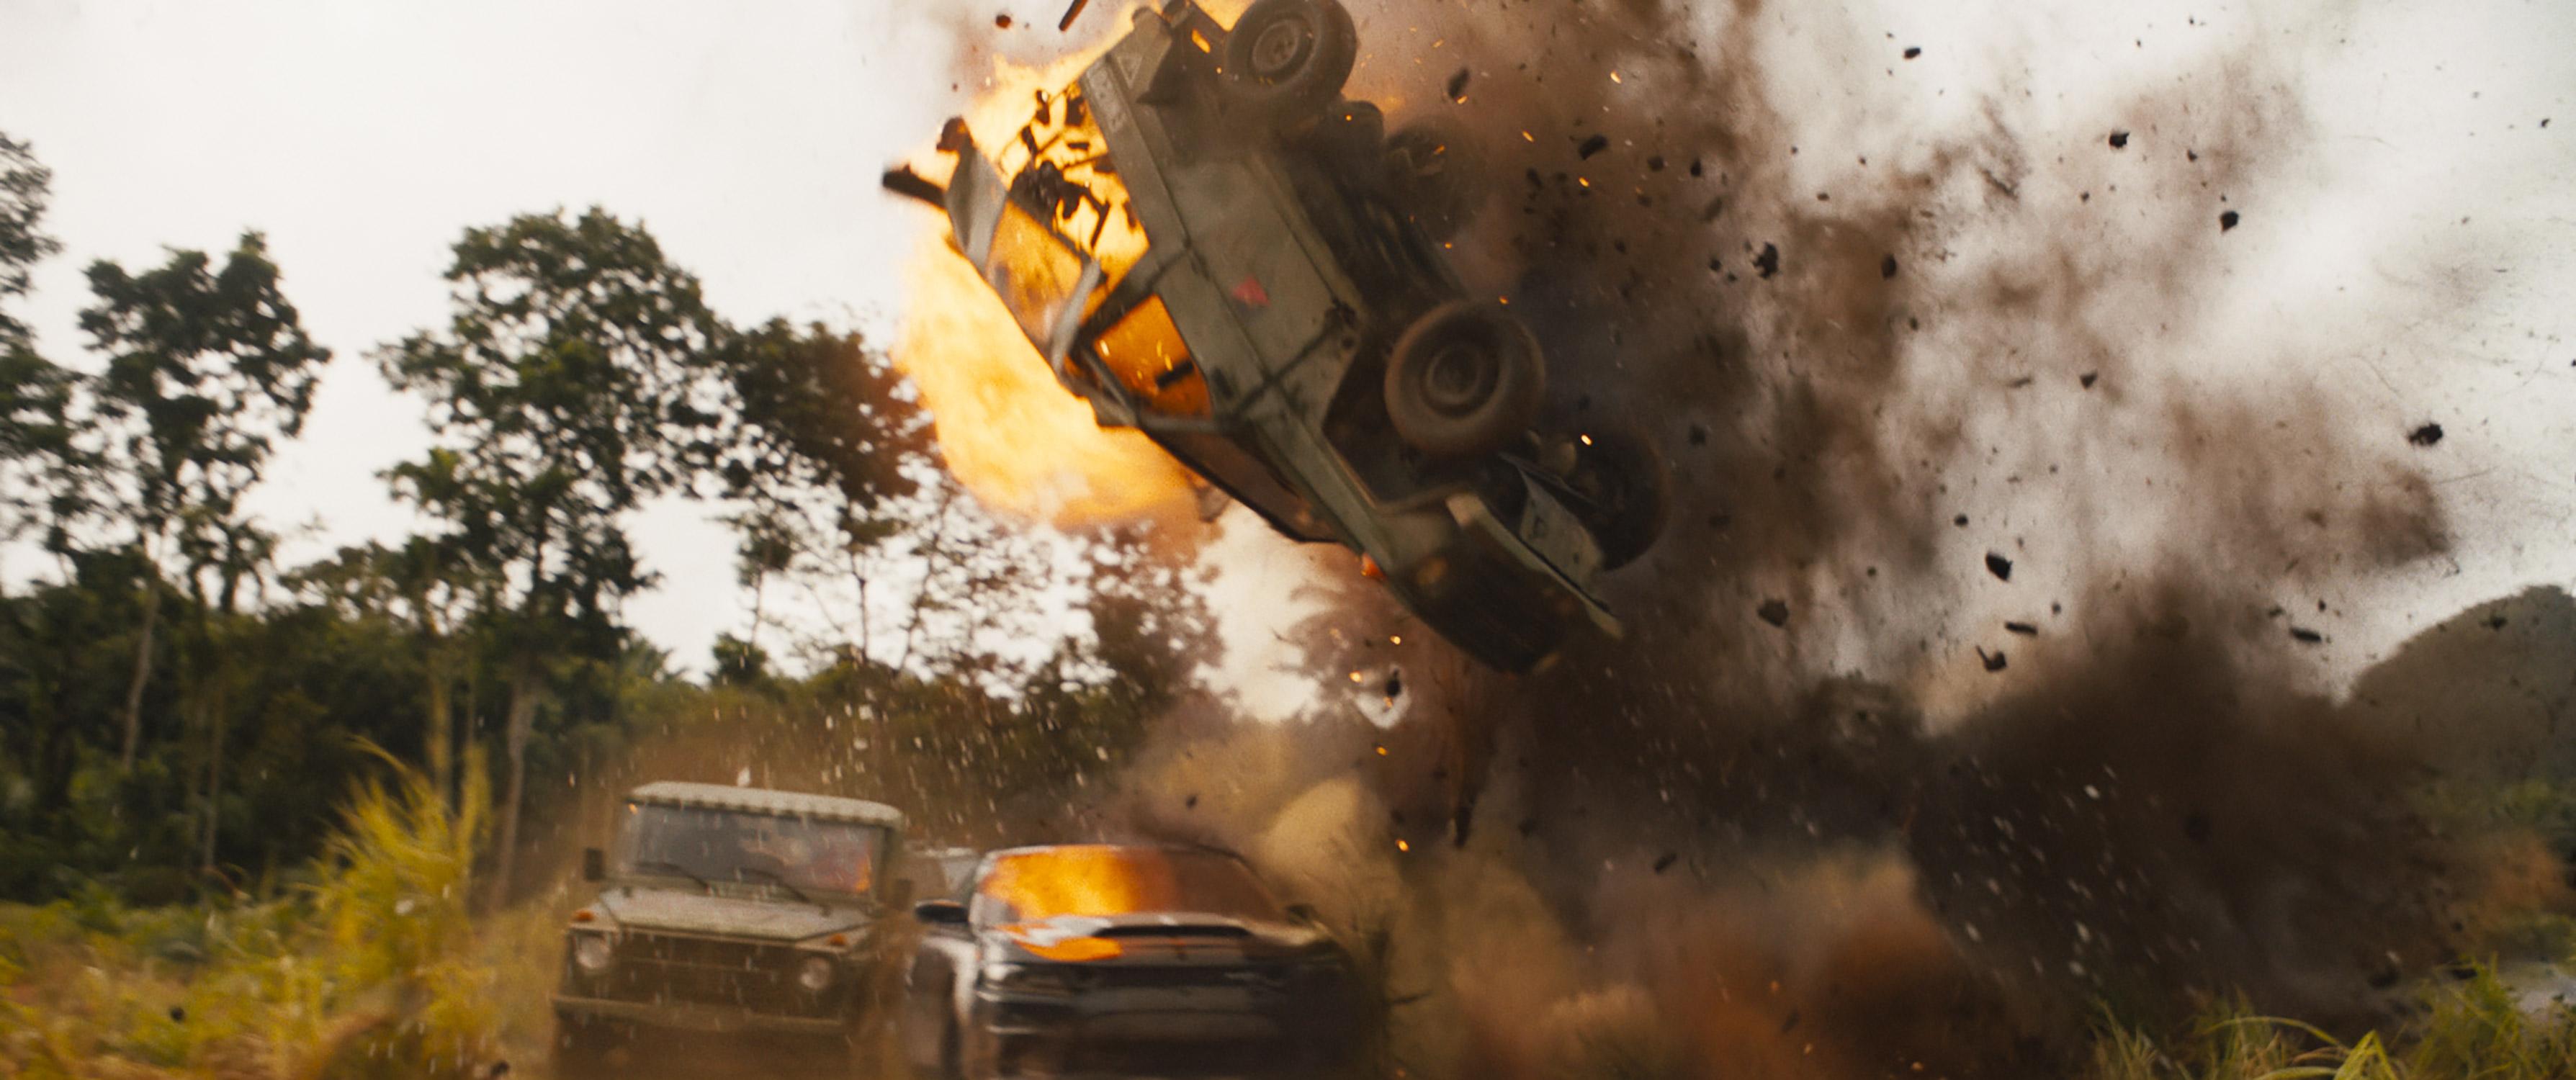 """《速度与激情9》预告片""""闯雷区""""场面。"""